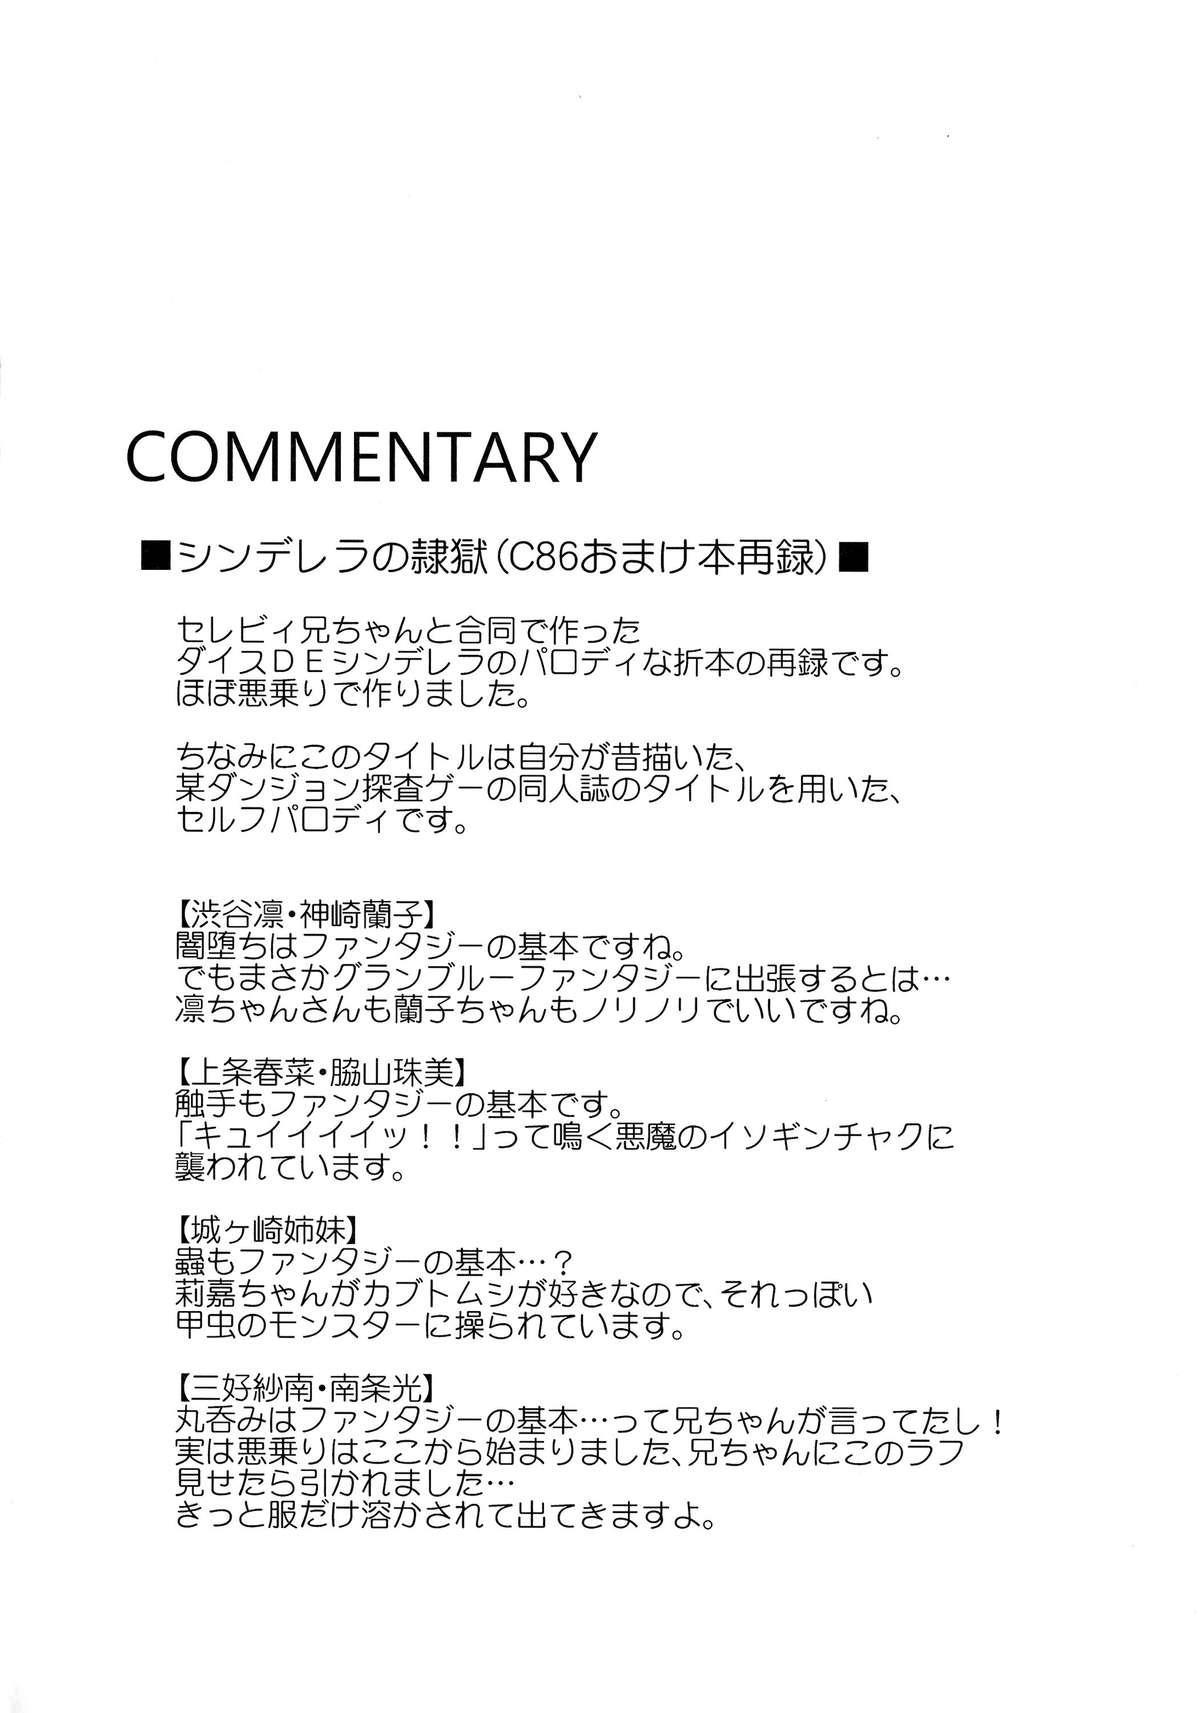 CINDERELLA ECSTASY Megami no Tawamure 29